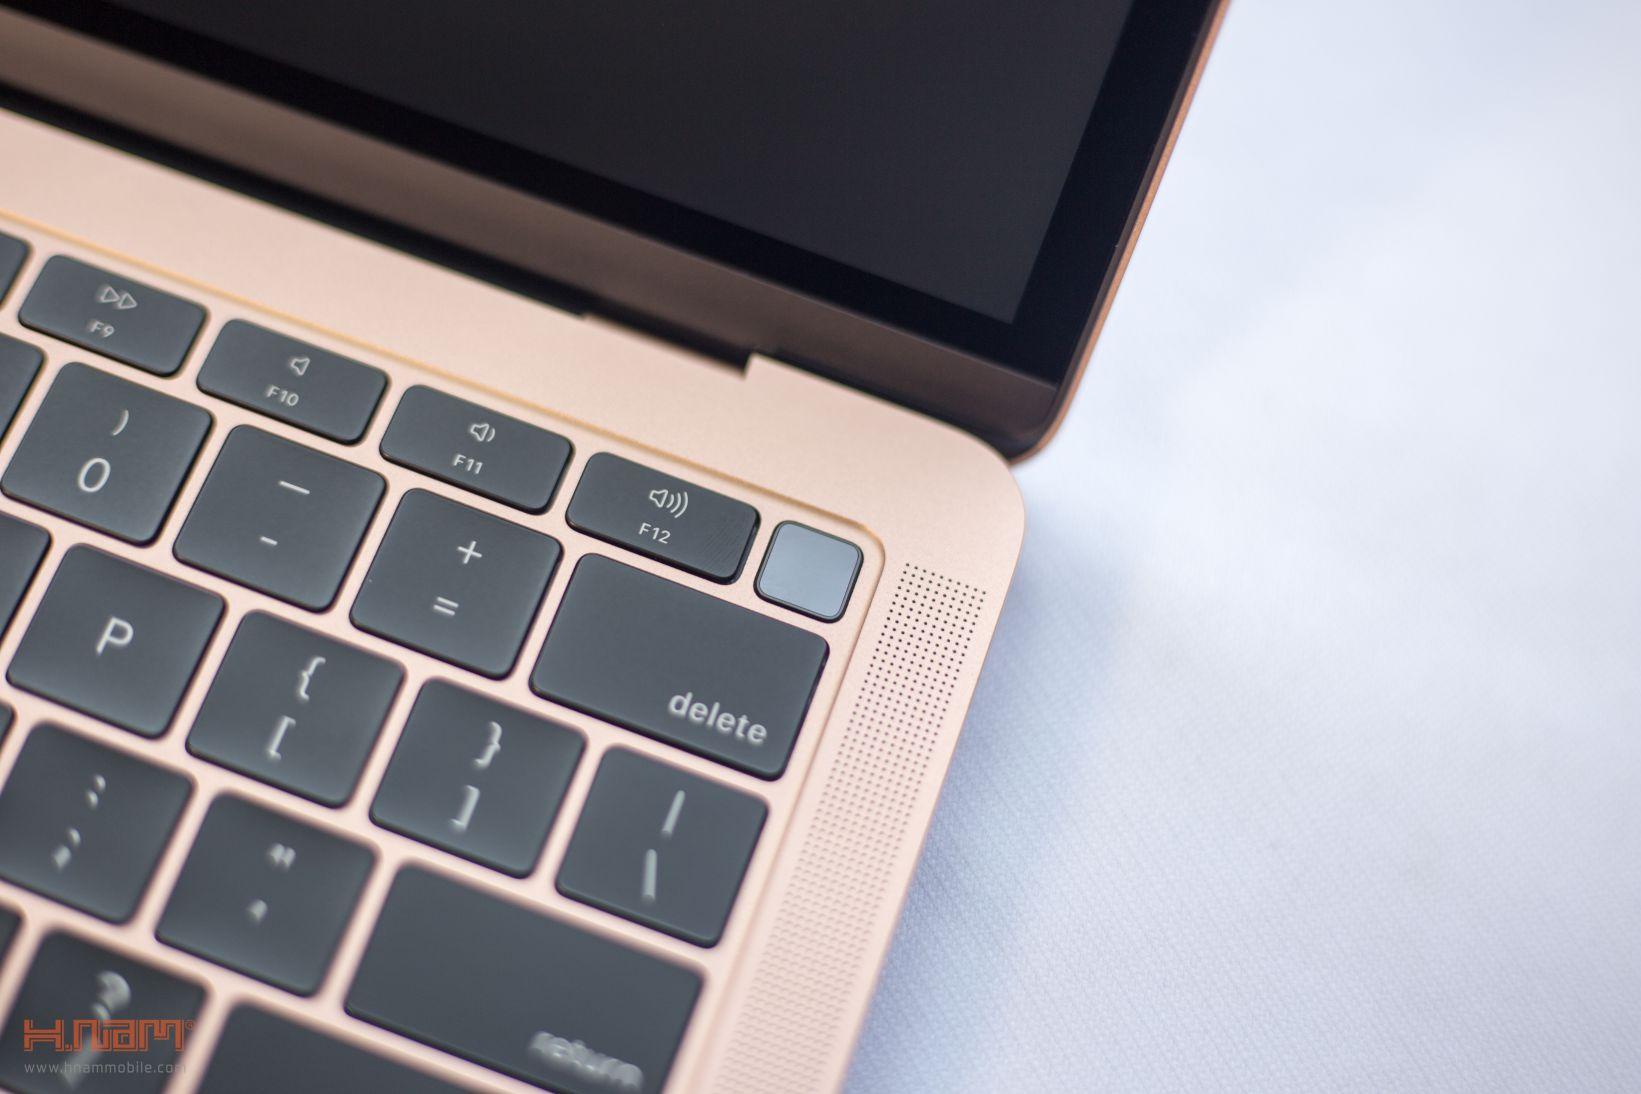 Trên tay Macbook Air 2018: Nâng cấp toàn diện sau 10 năm ra mắt hình 8